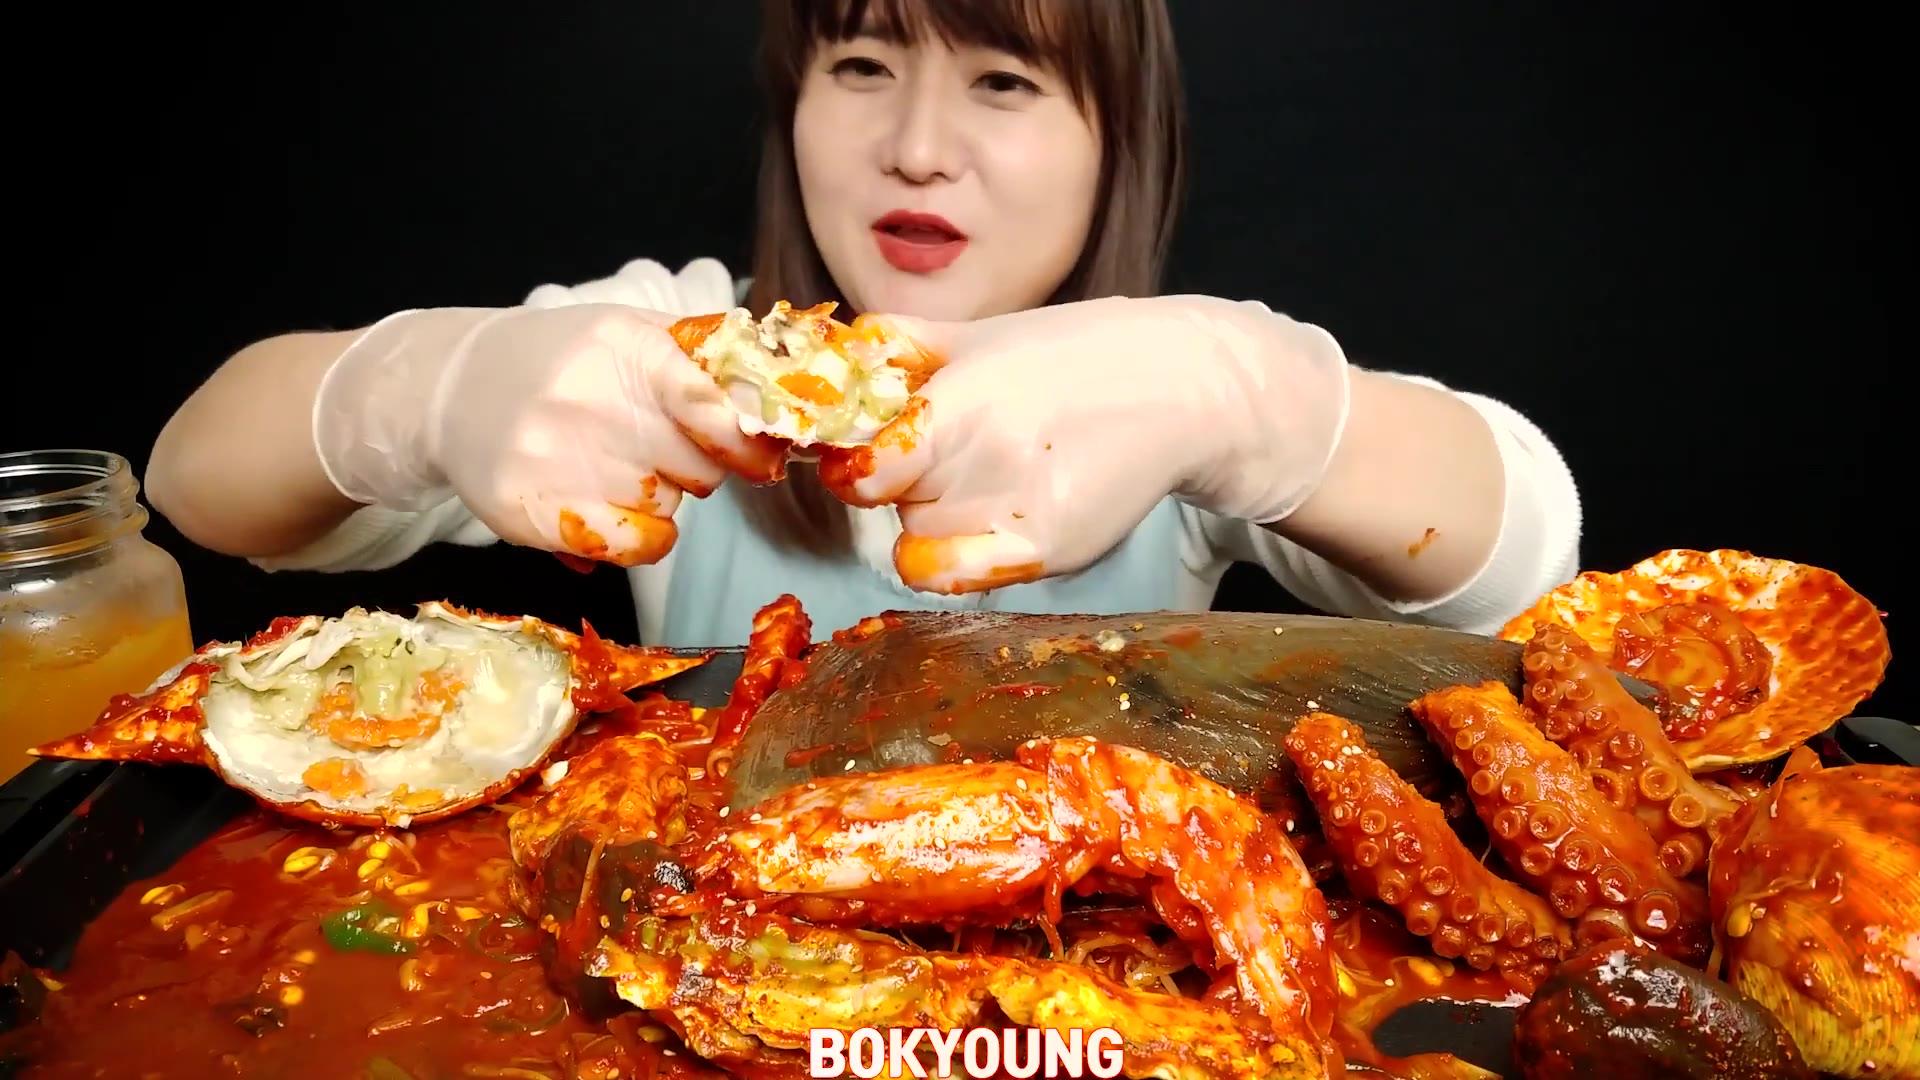 【BK】 辛辣虾螃蟹扇贝牡蛎章鱼杏鲍菇